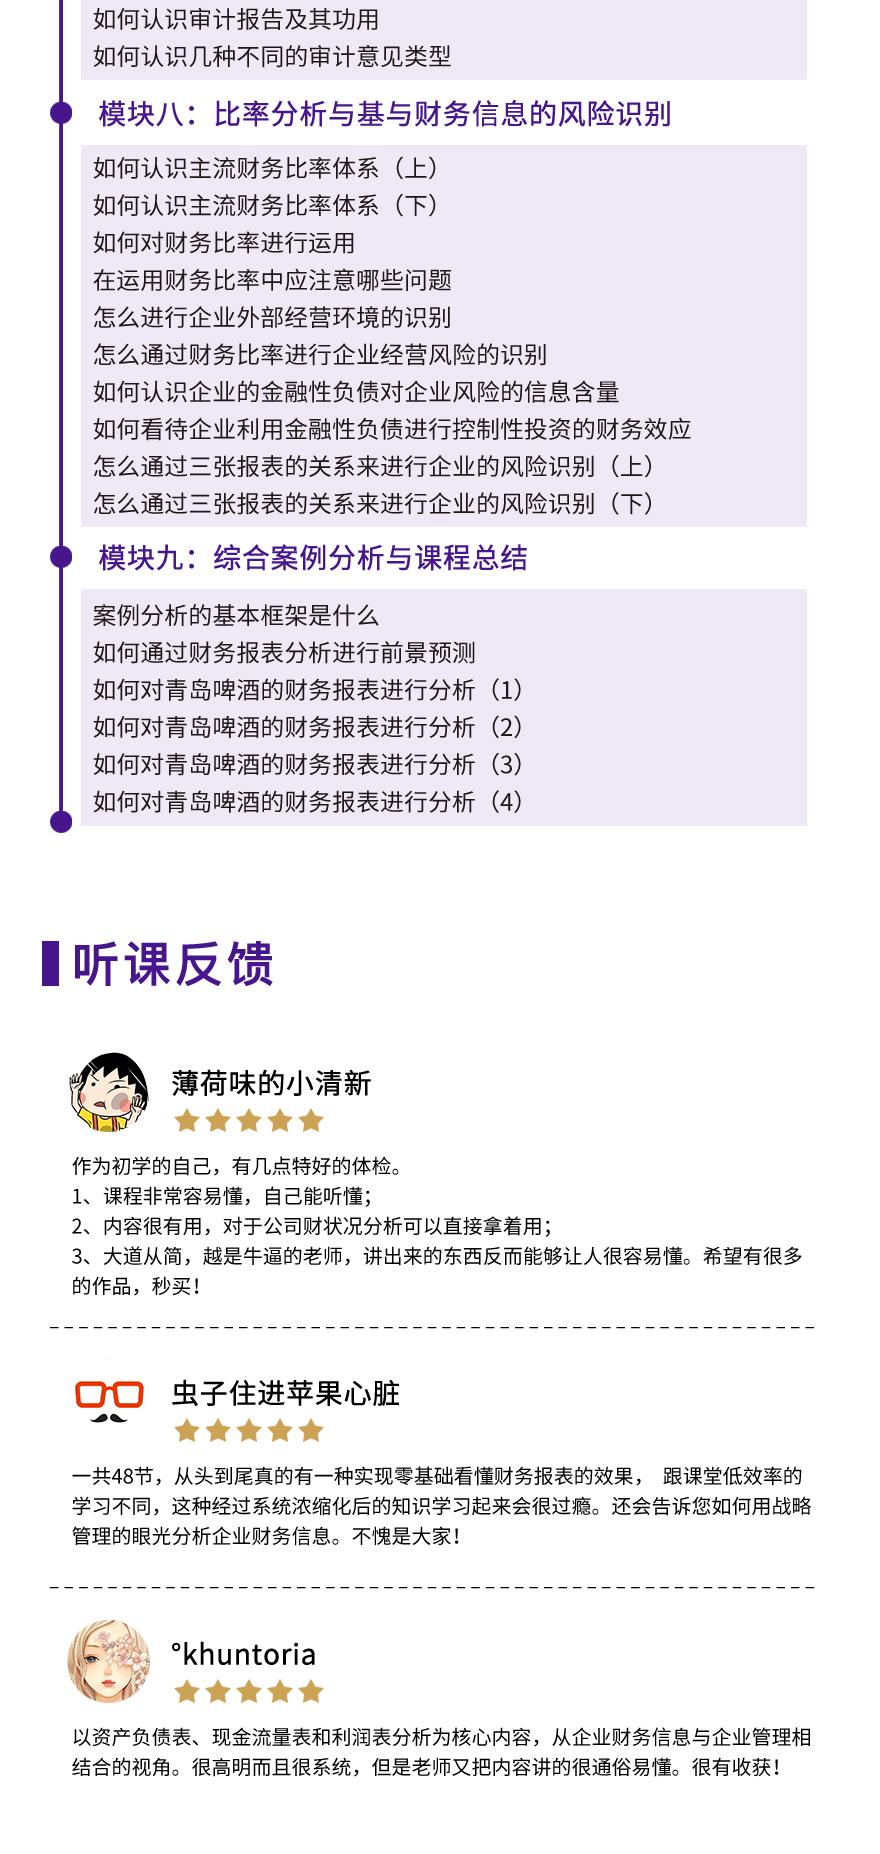 张新民《财务报表分析》完整版